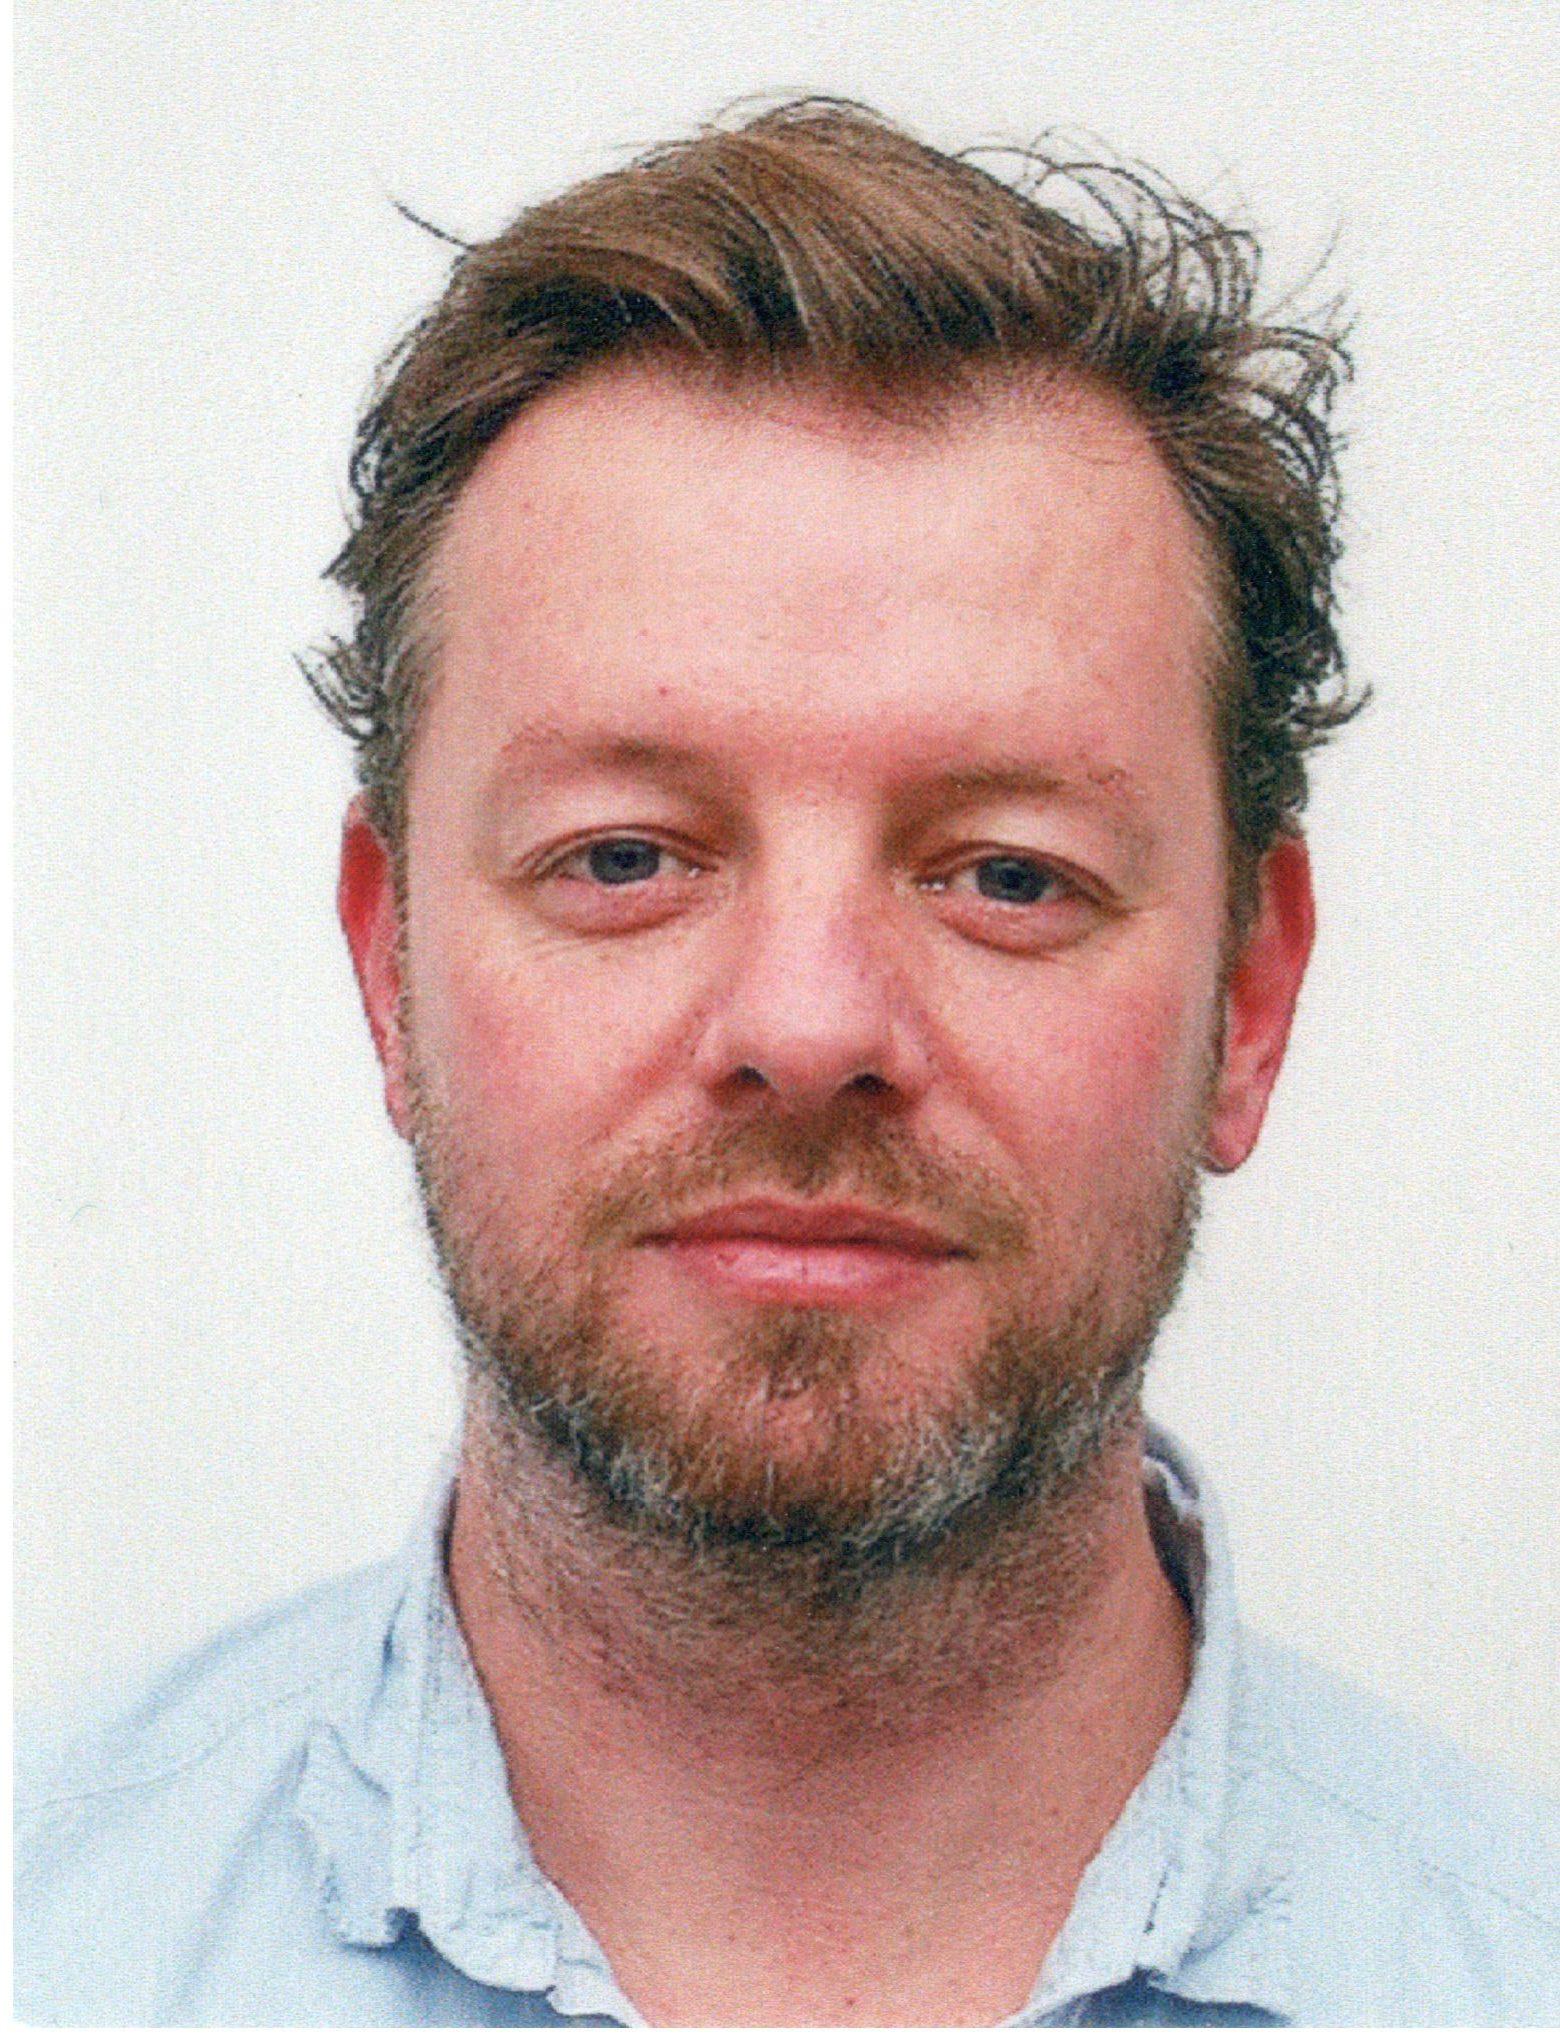 Ian Mostert